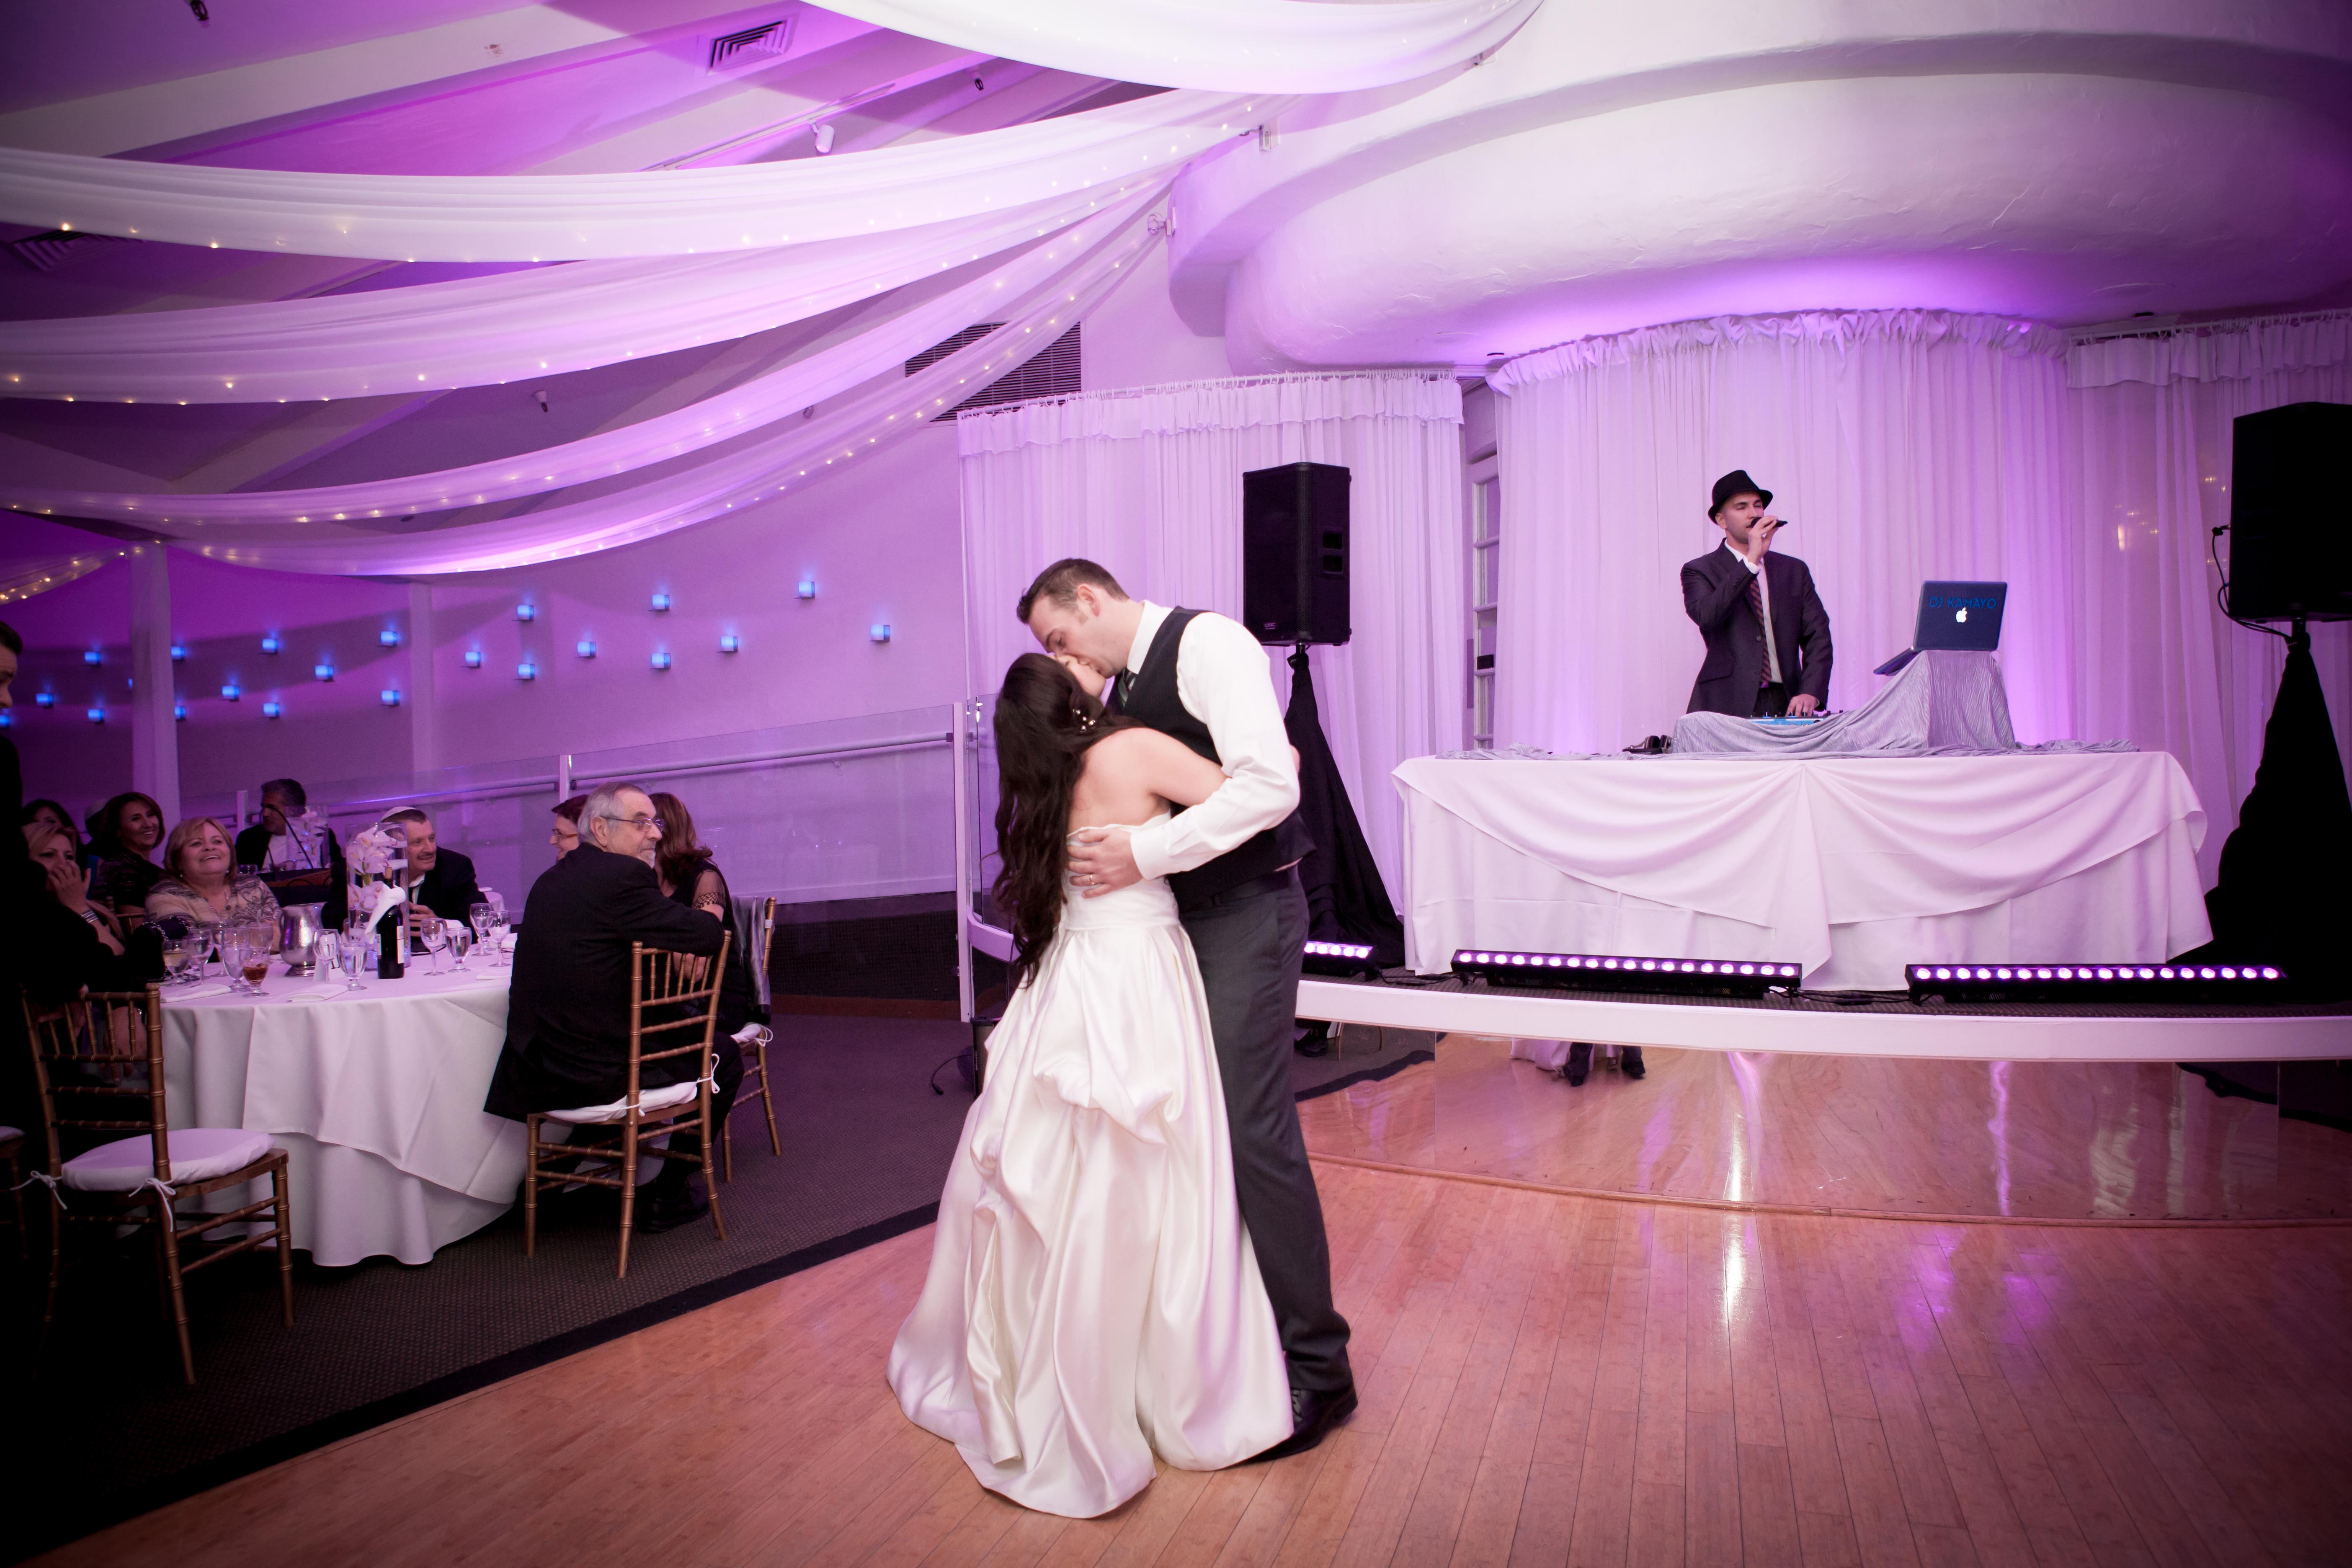 san fernando valley wedding djs